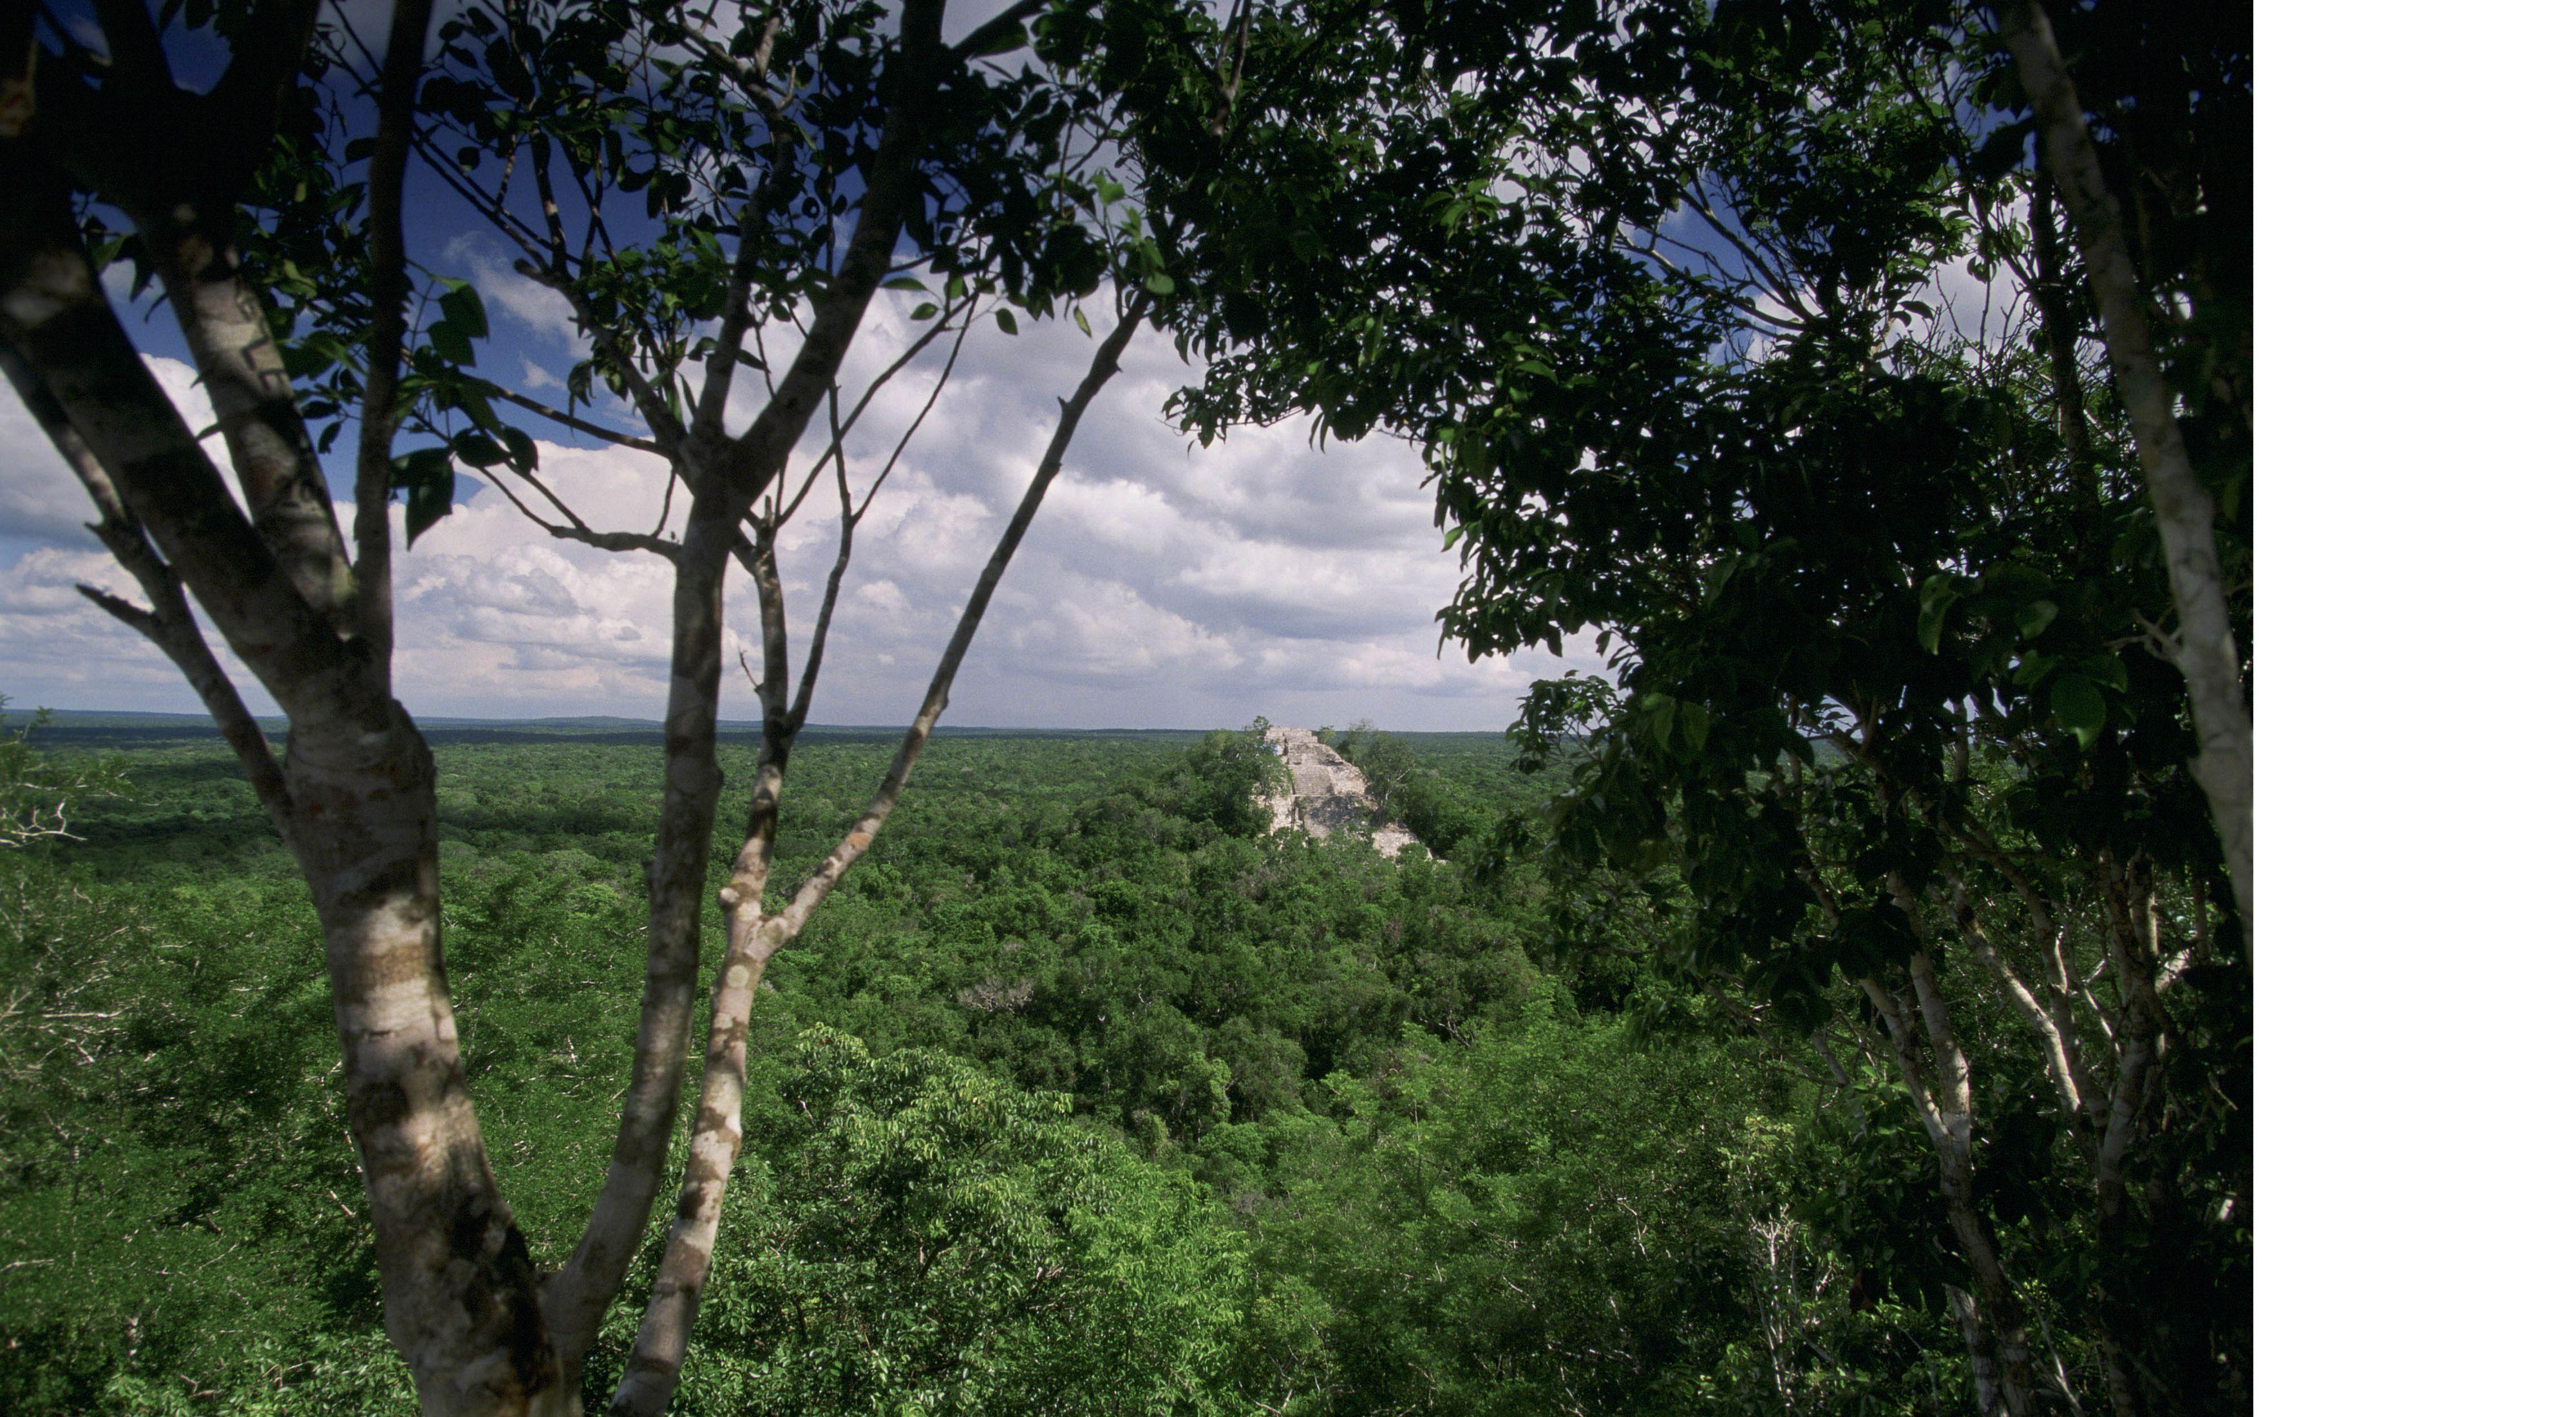 El denso bosque tropical de tierras bajas rodea el antiguo sitio Maya, Calakmul